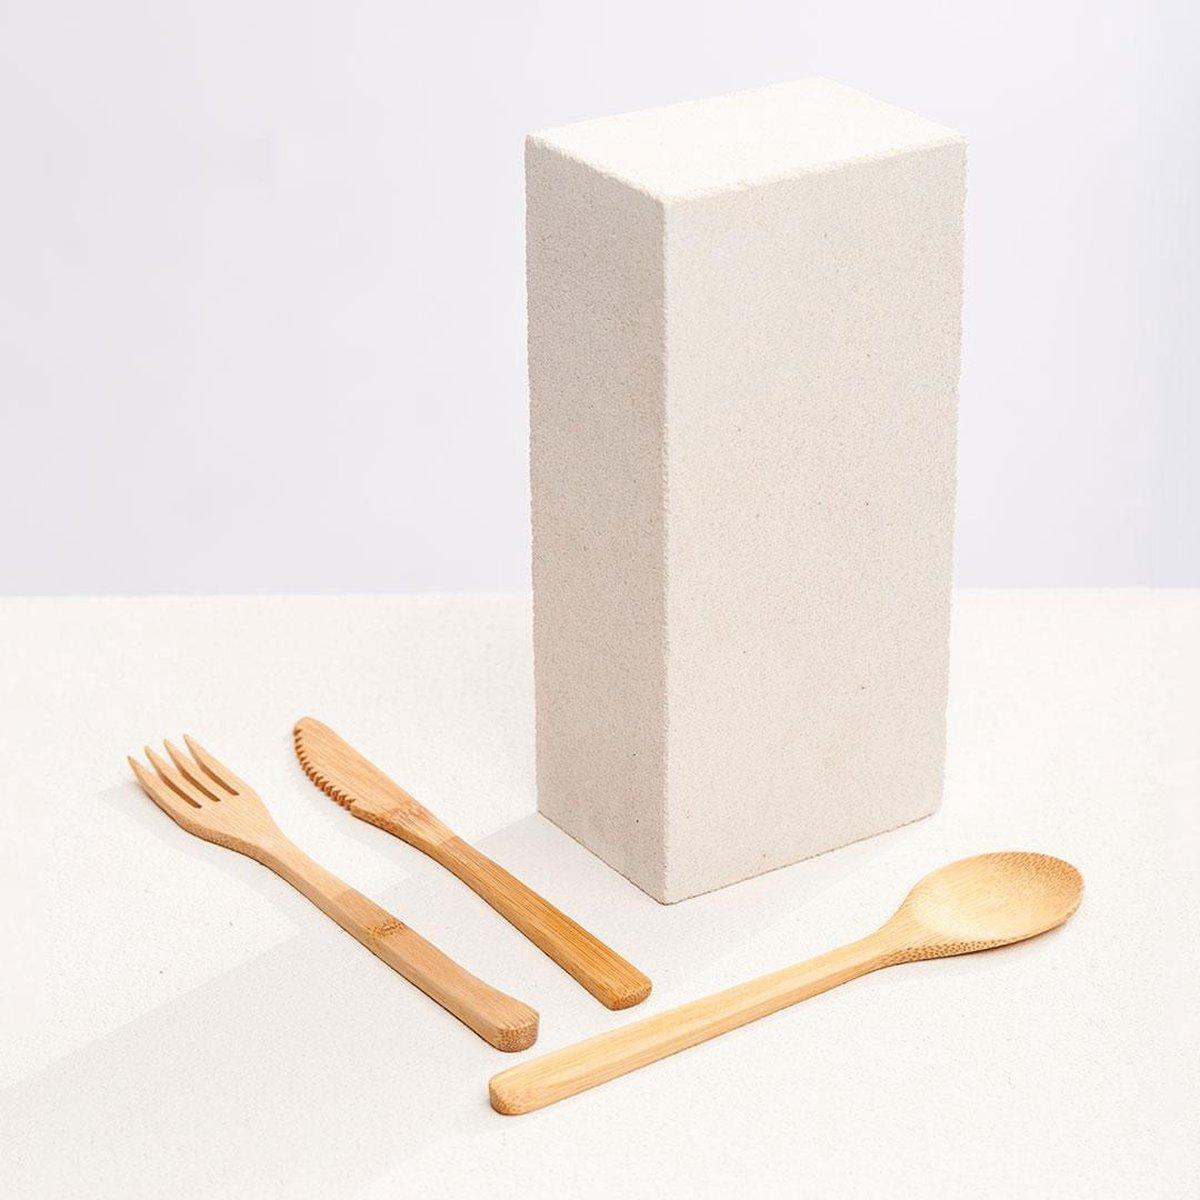 Dzukou Moreh - Bamboe Bestek - Houten Bestek - Herbruikbaar Bestek